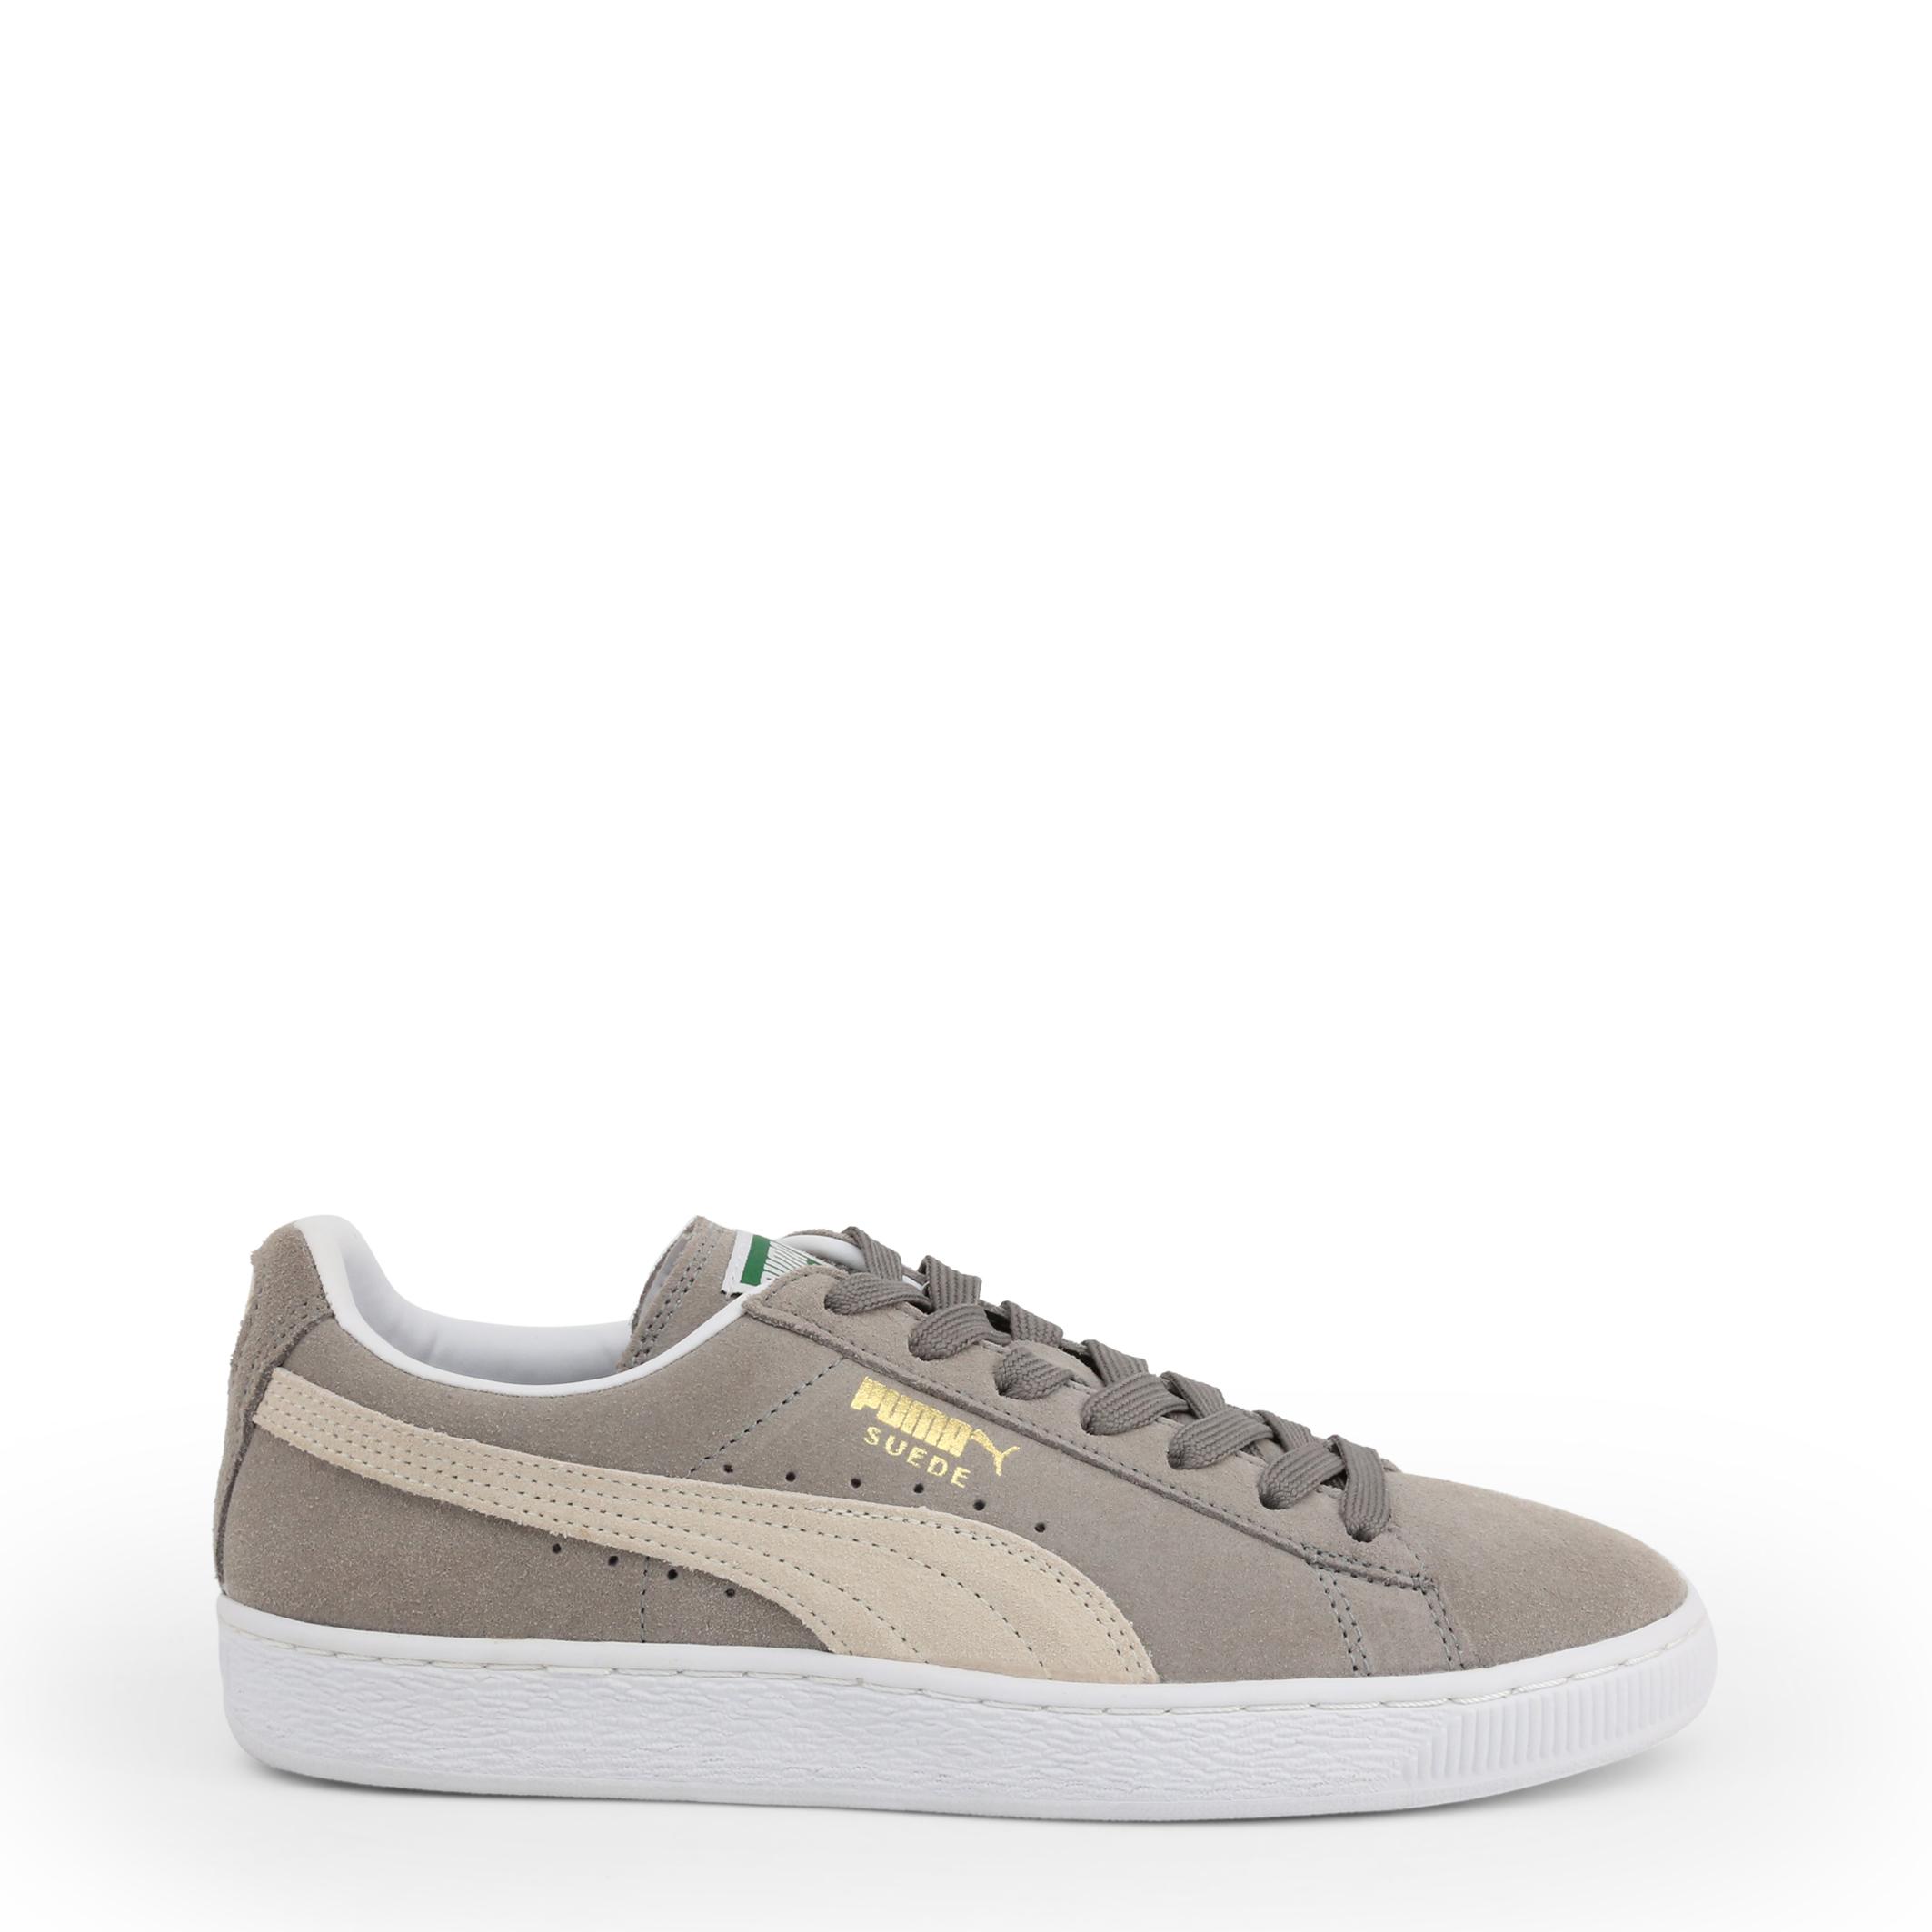 Puma Suede Classic 927315